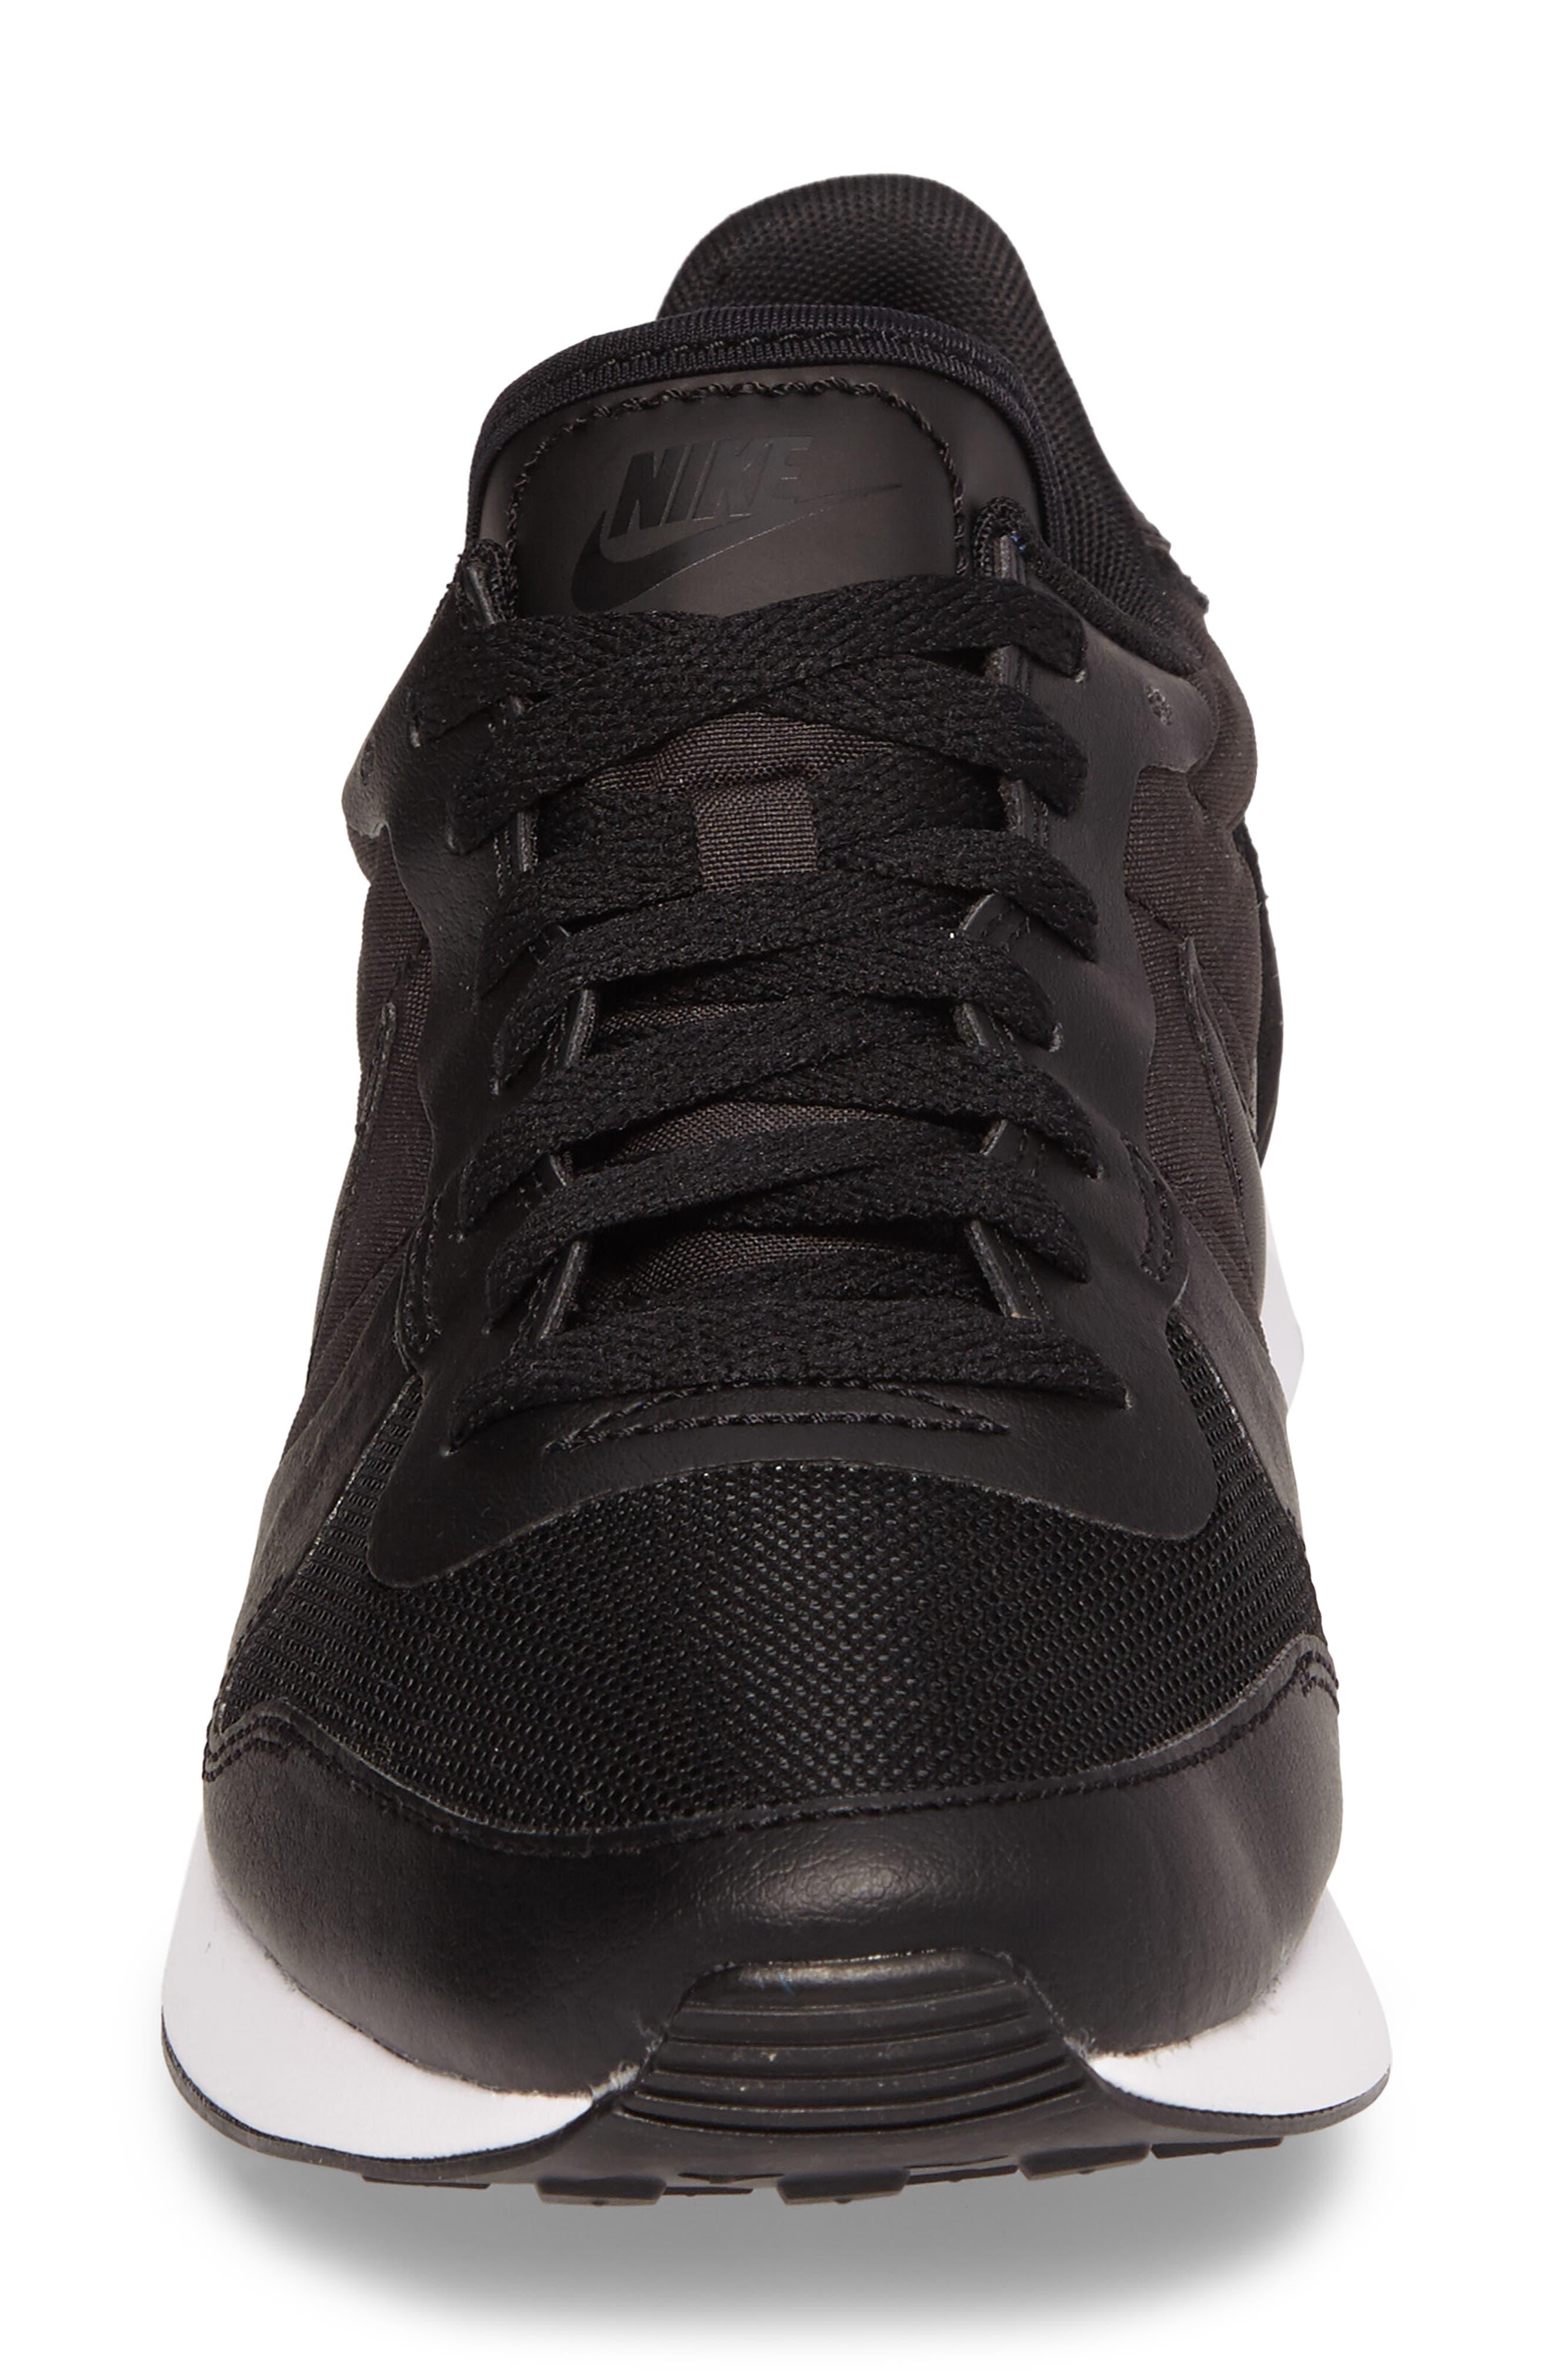 Internationalist LT17 Sneaker,                             Alternate thumbnail 4, color,                             Black/ Black/ White